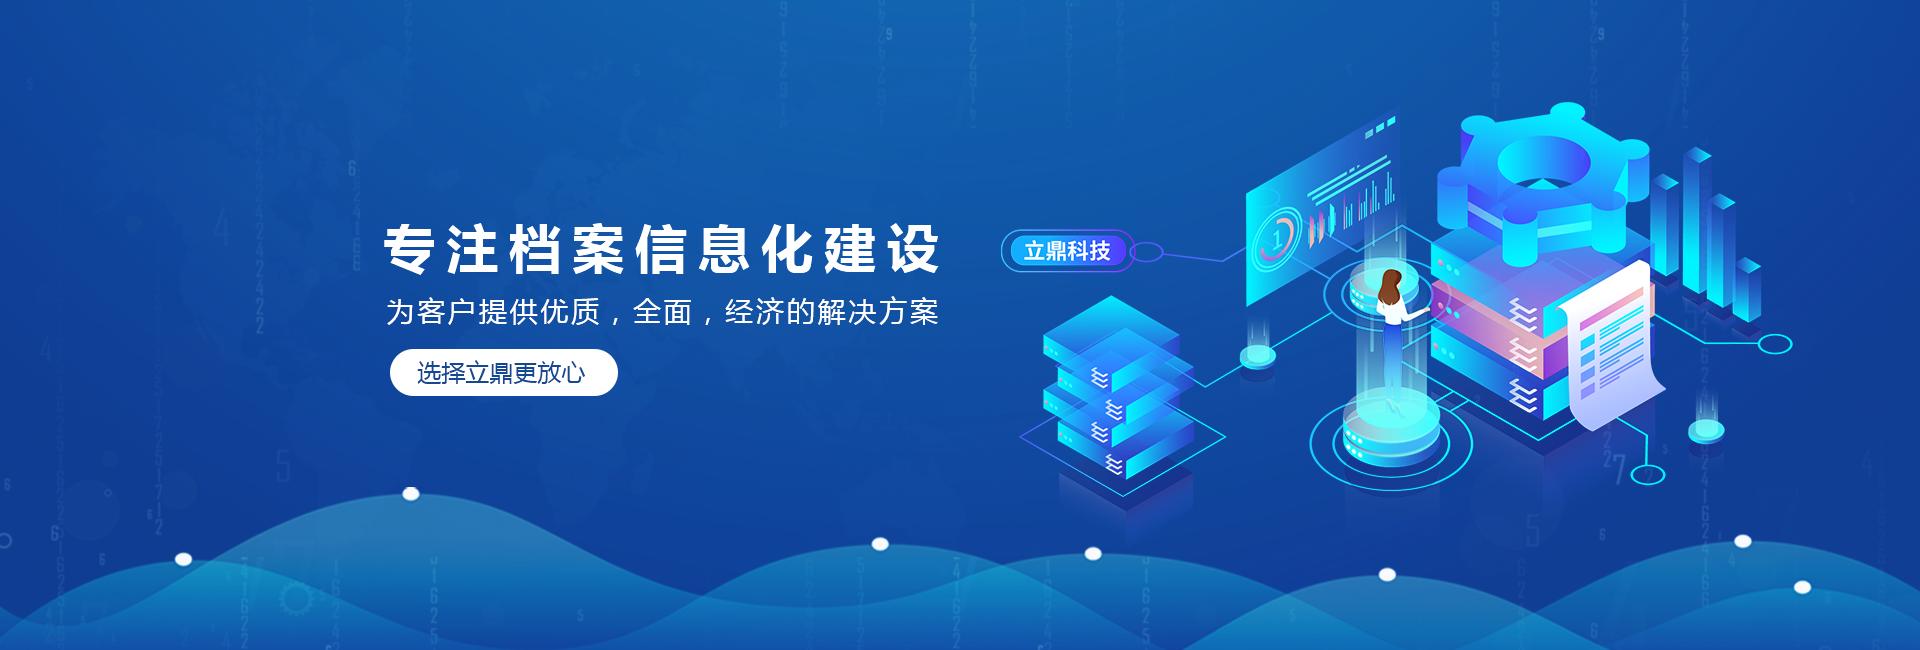 重庆档案数字化加工